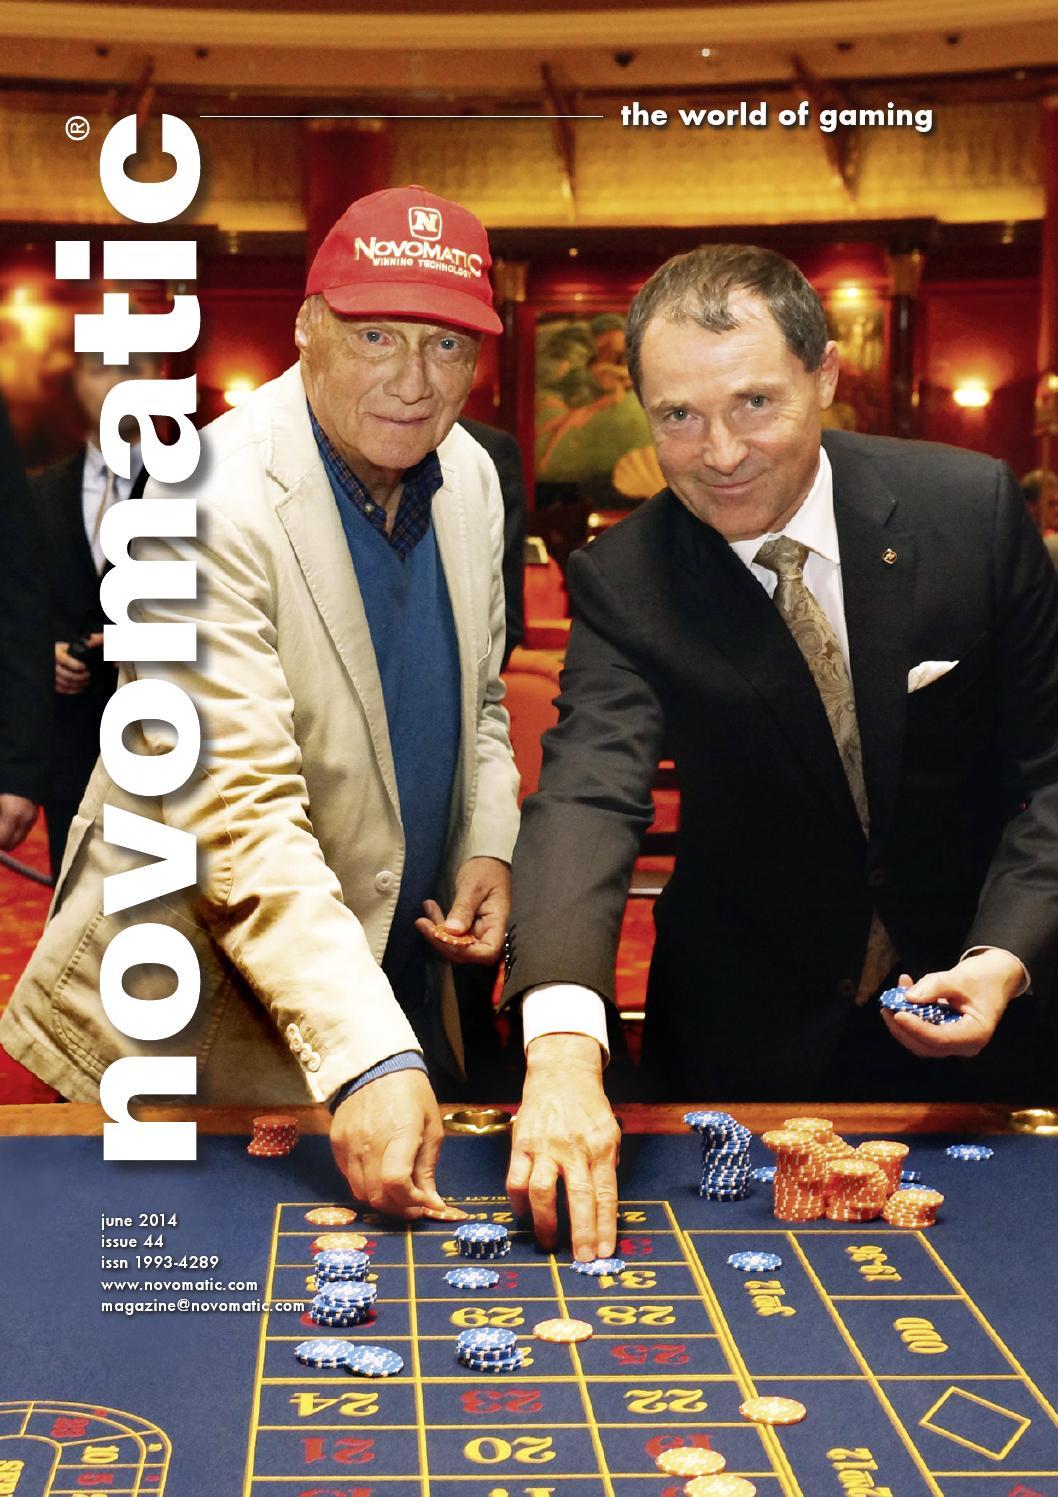 Casino Regeln gesetzliche geregelte - 65080